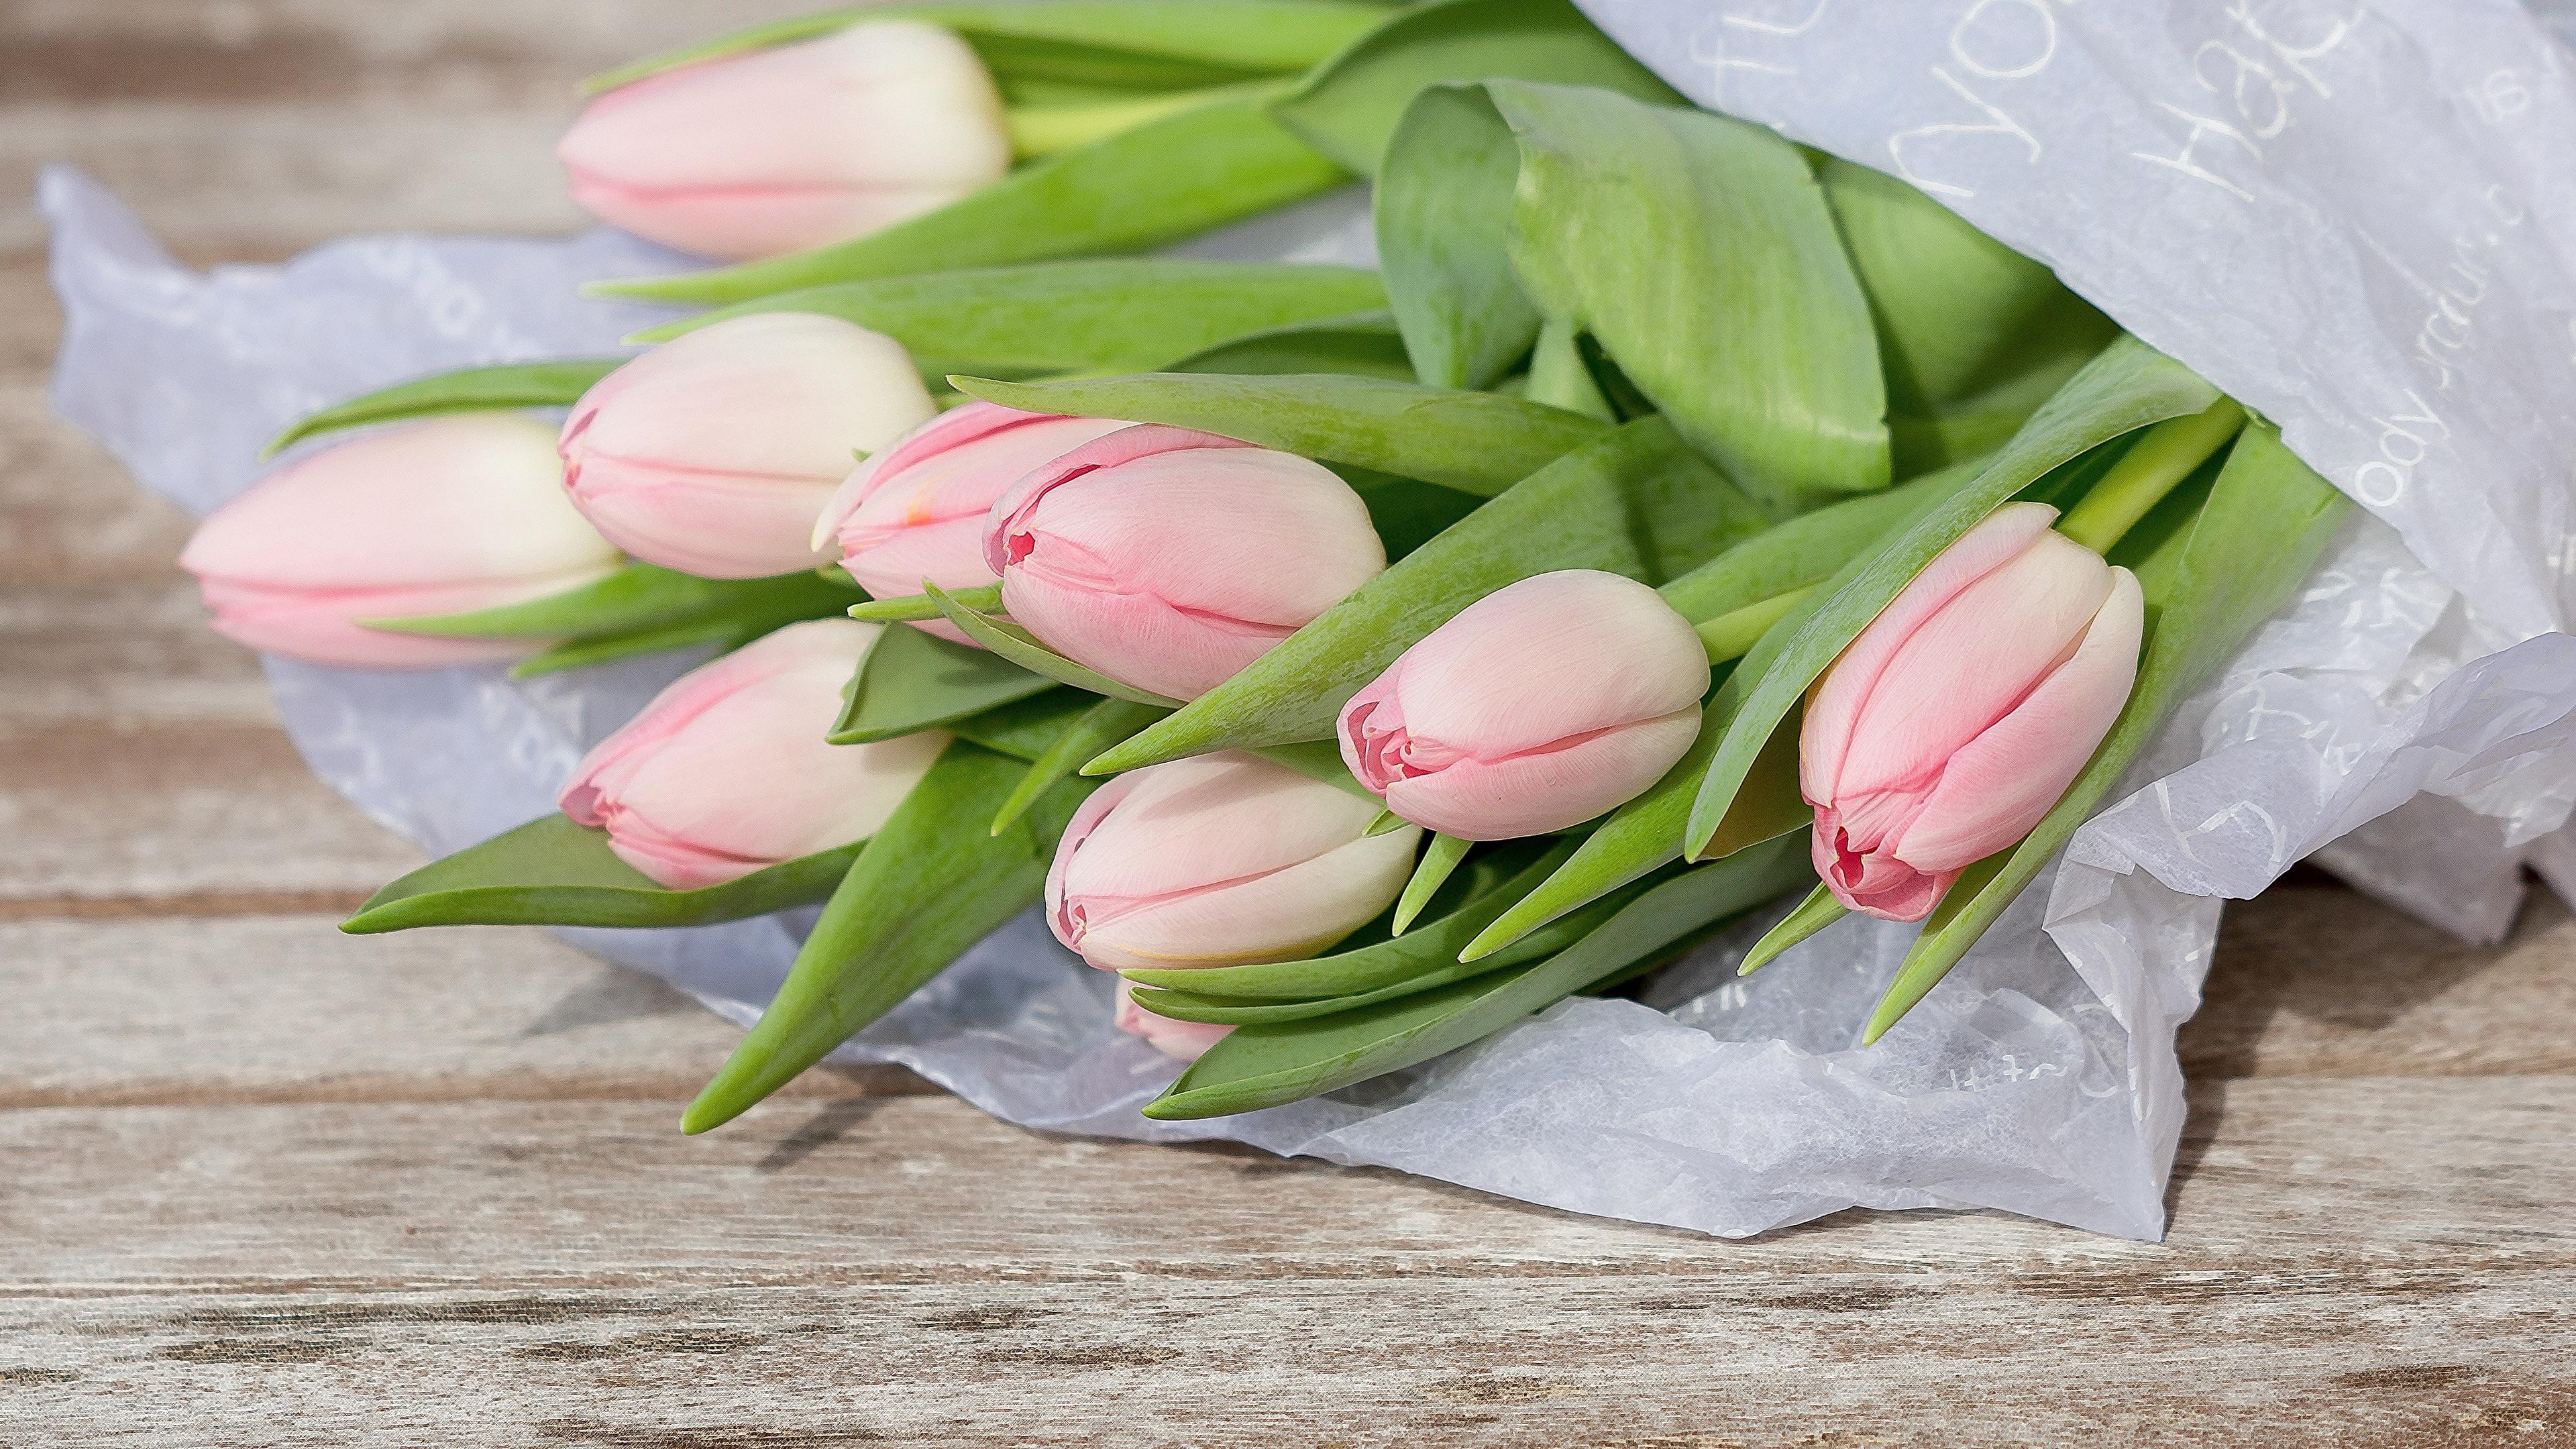 Обои для рабочего стола розовых тюльпан Цветы вблизи 3840x2160 Розовый розовые розовая Тюльпаны цветок Крупным планом